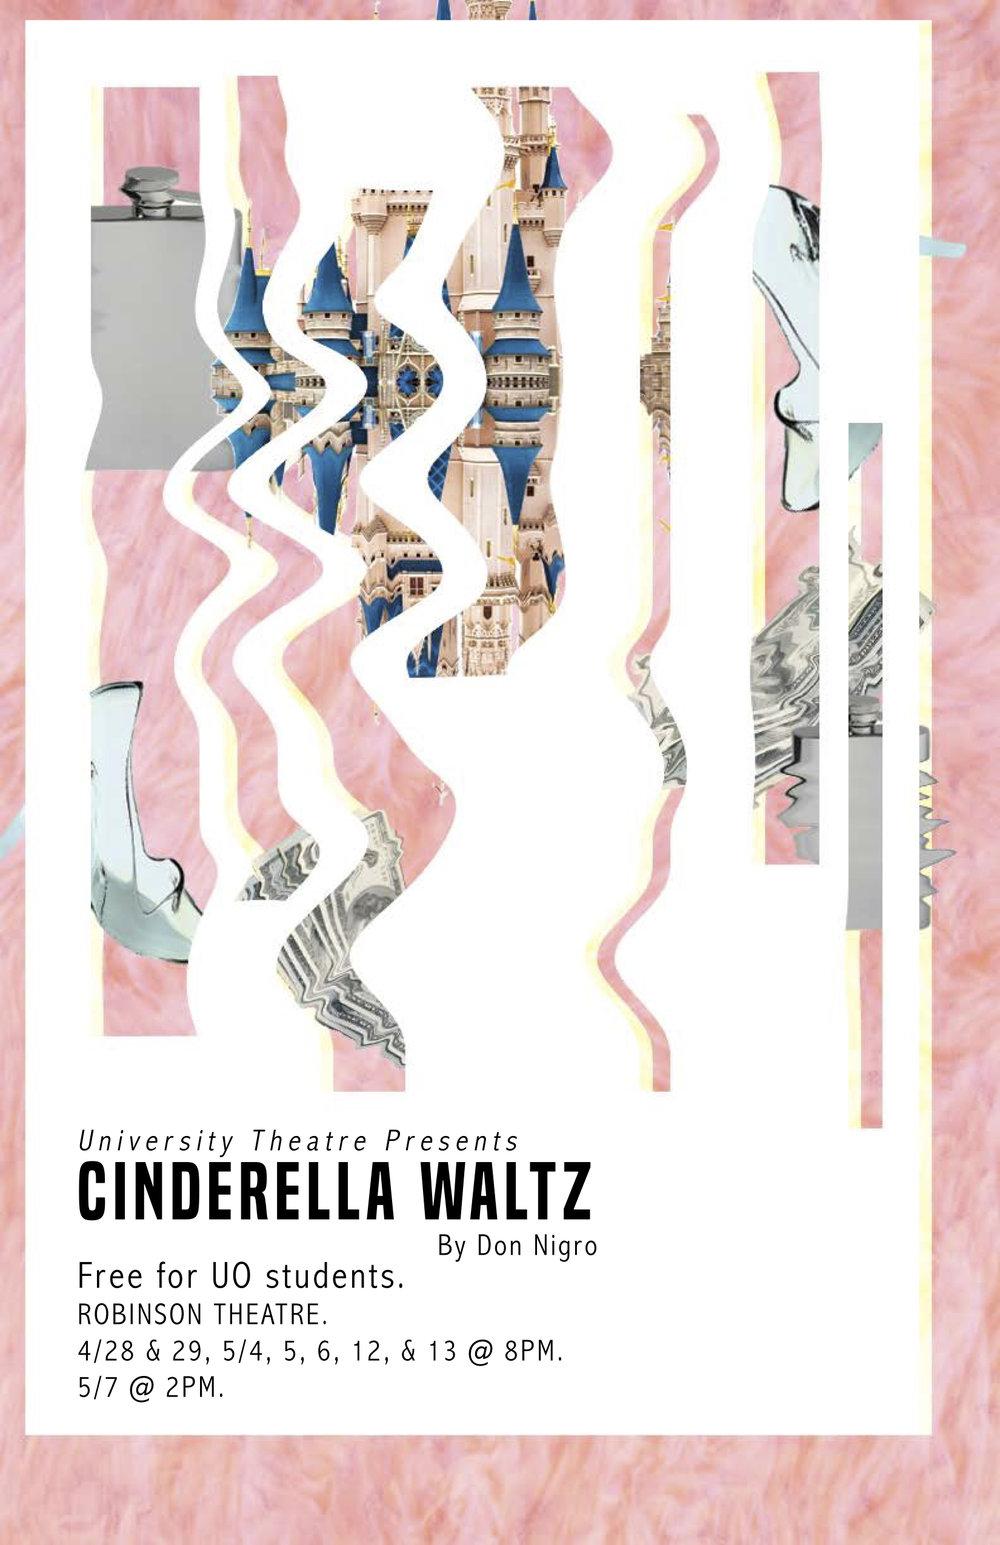 CinderellaWaltz_11x17poster (1).jpg